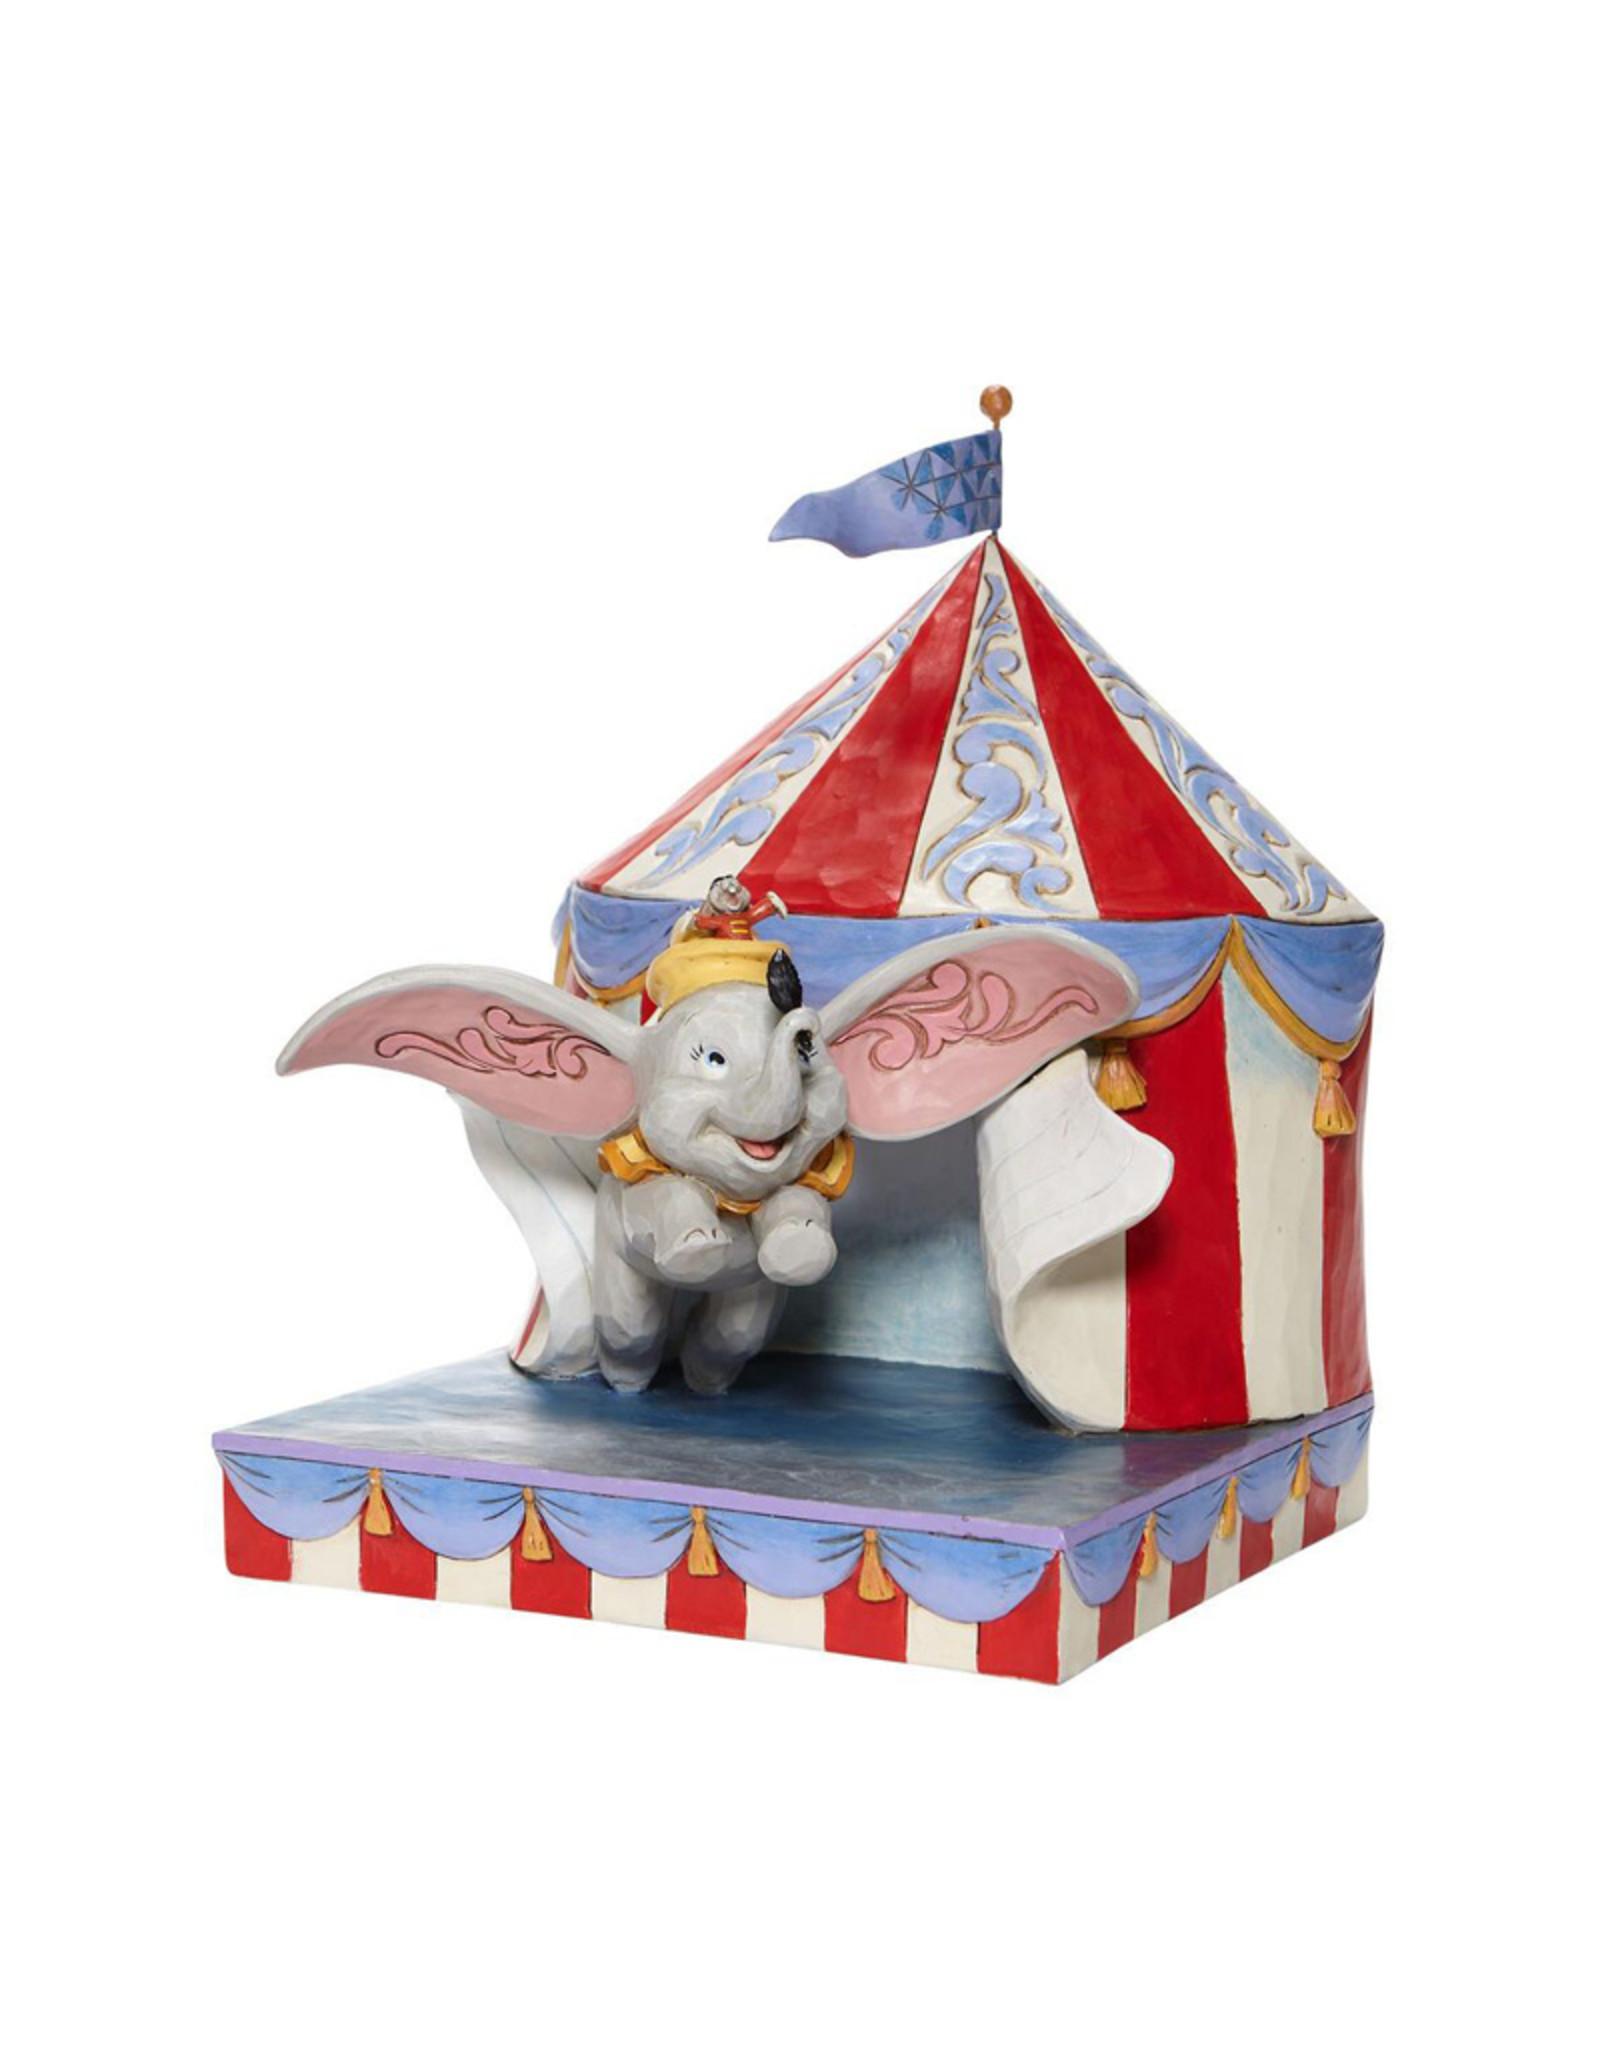 Disney Disney ( Disney Traditions Figurine ) Dumbo Circus